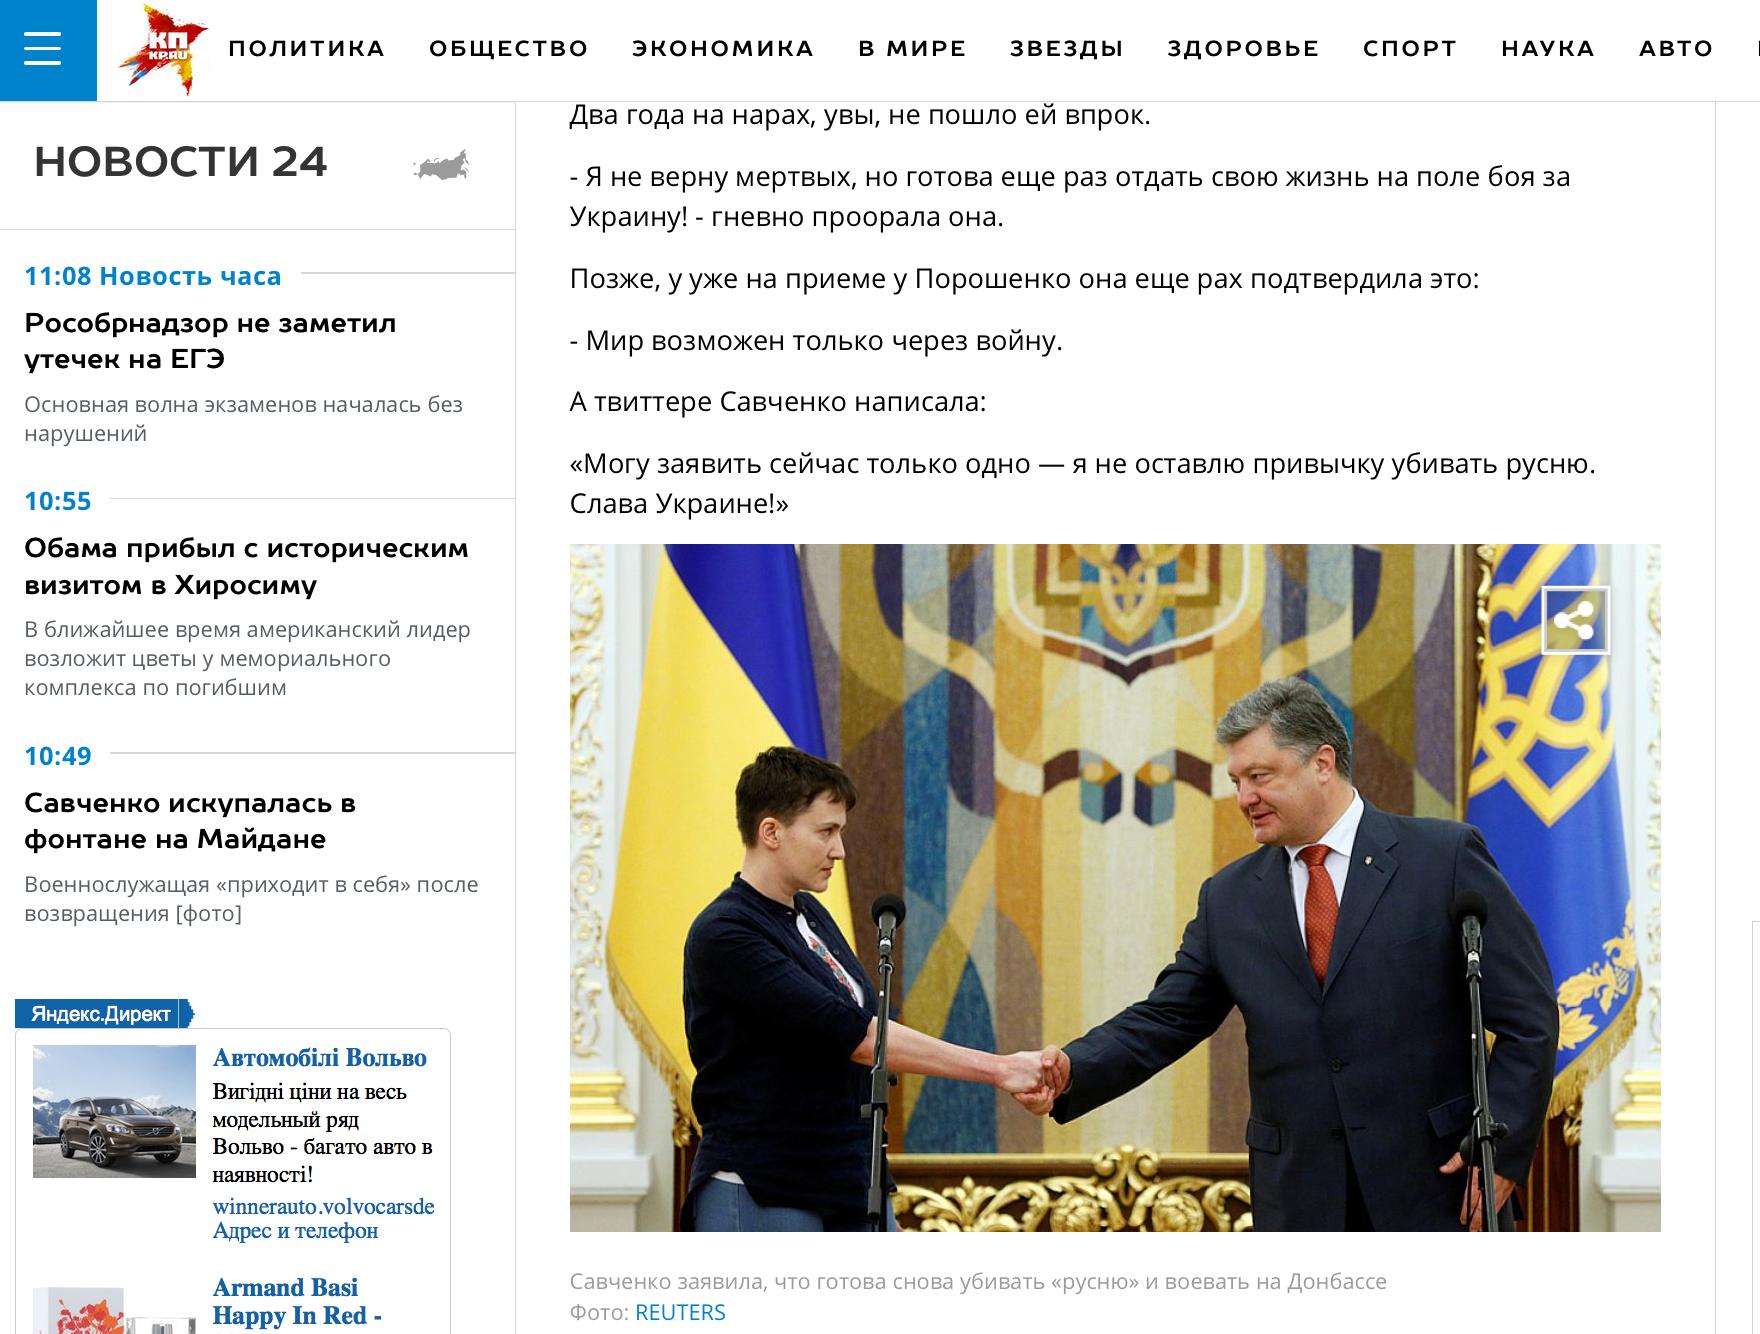 Скриншот сайта kp.ru